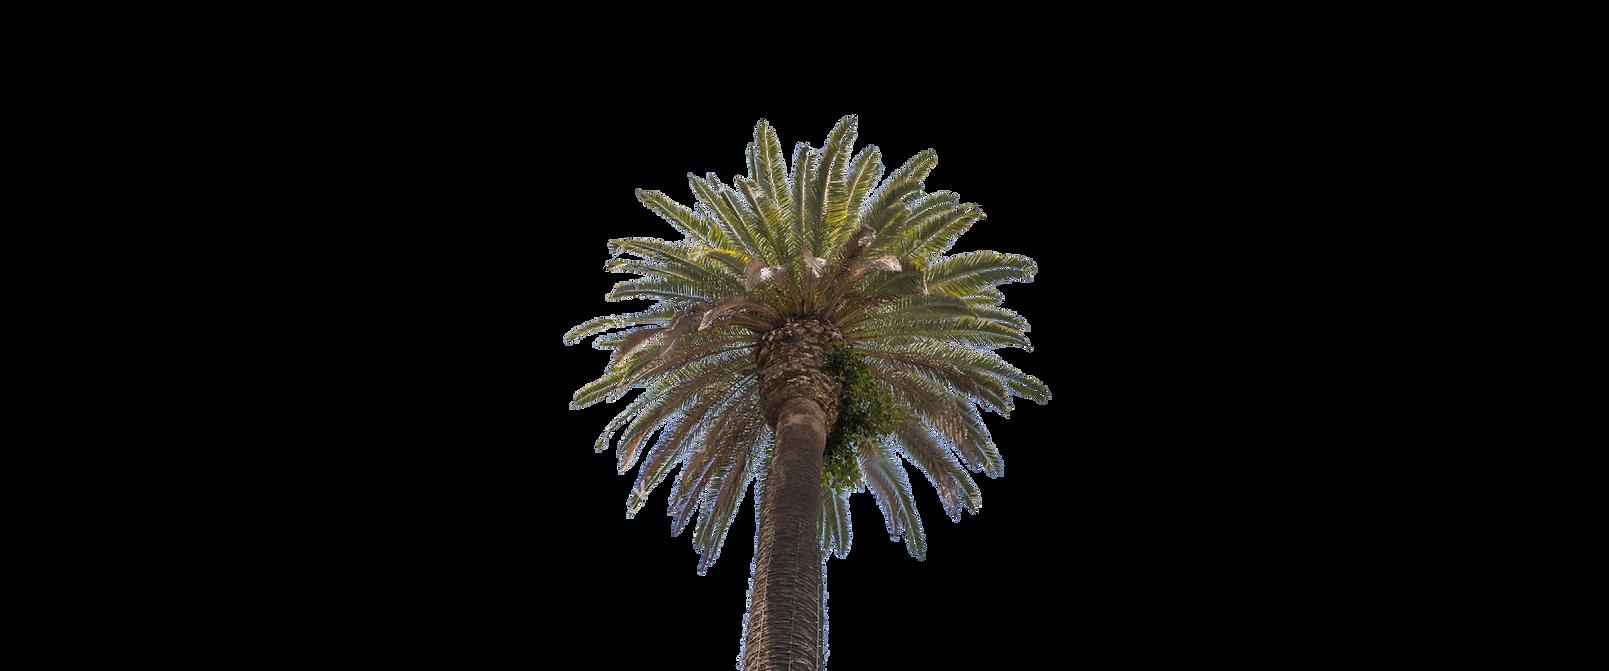 california fan palm.png